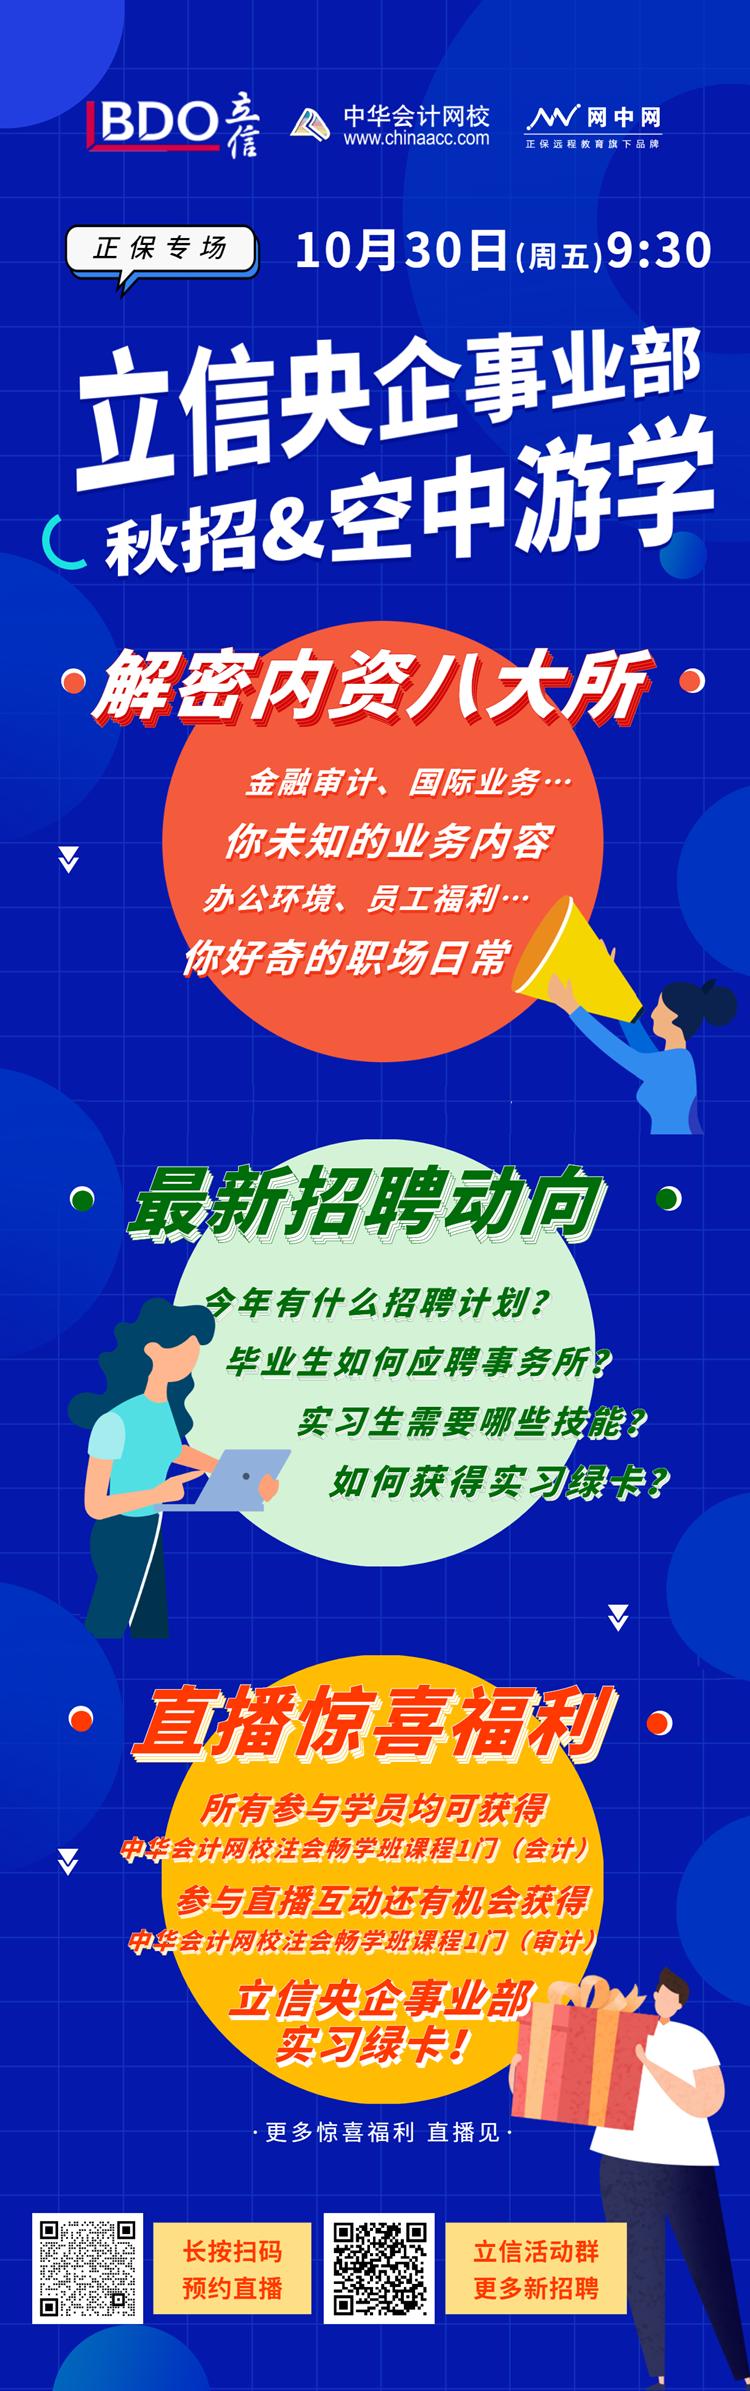 【10月30日】立信央企事业部空中游学:解密内资八大所招聘动向